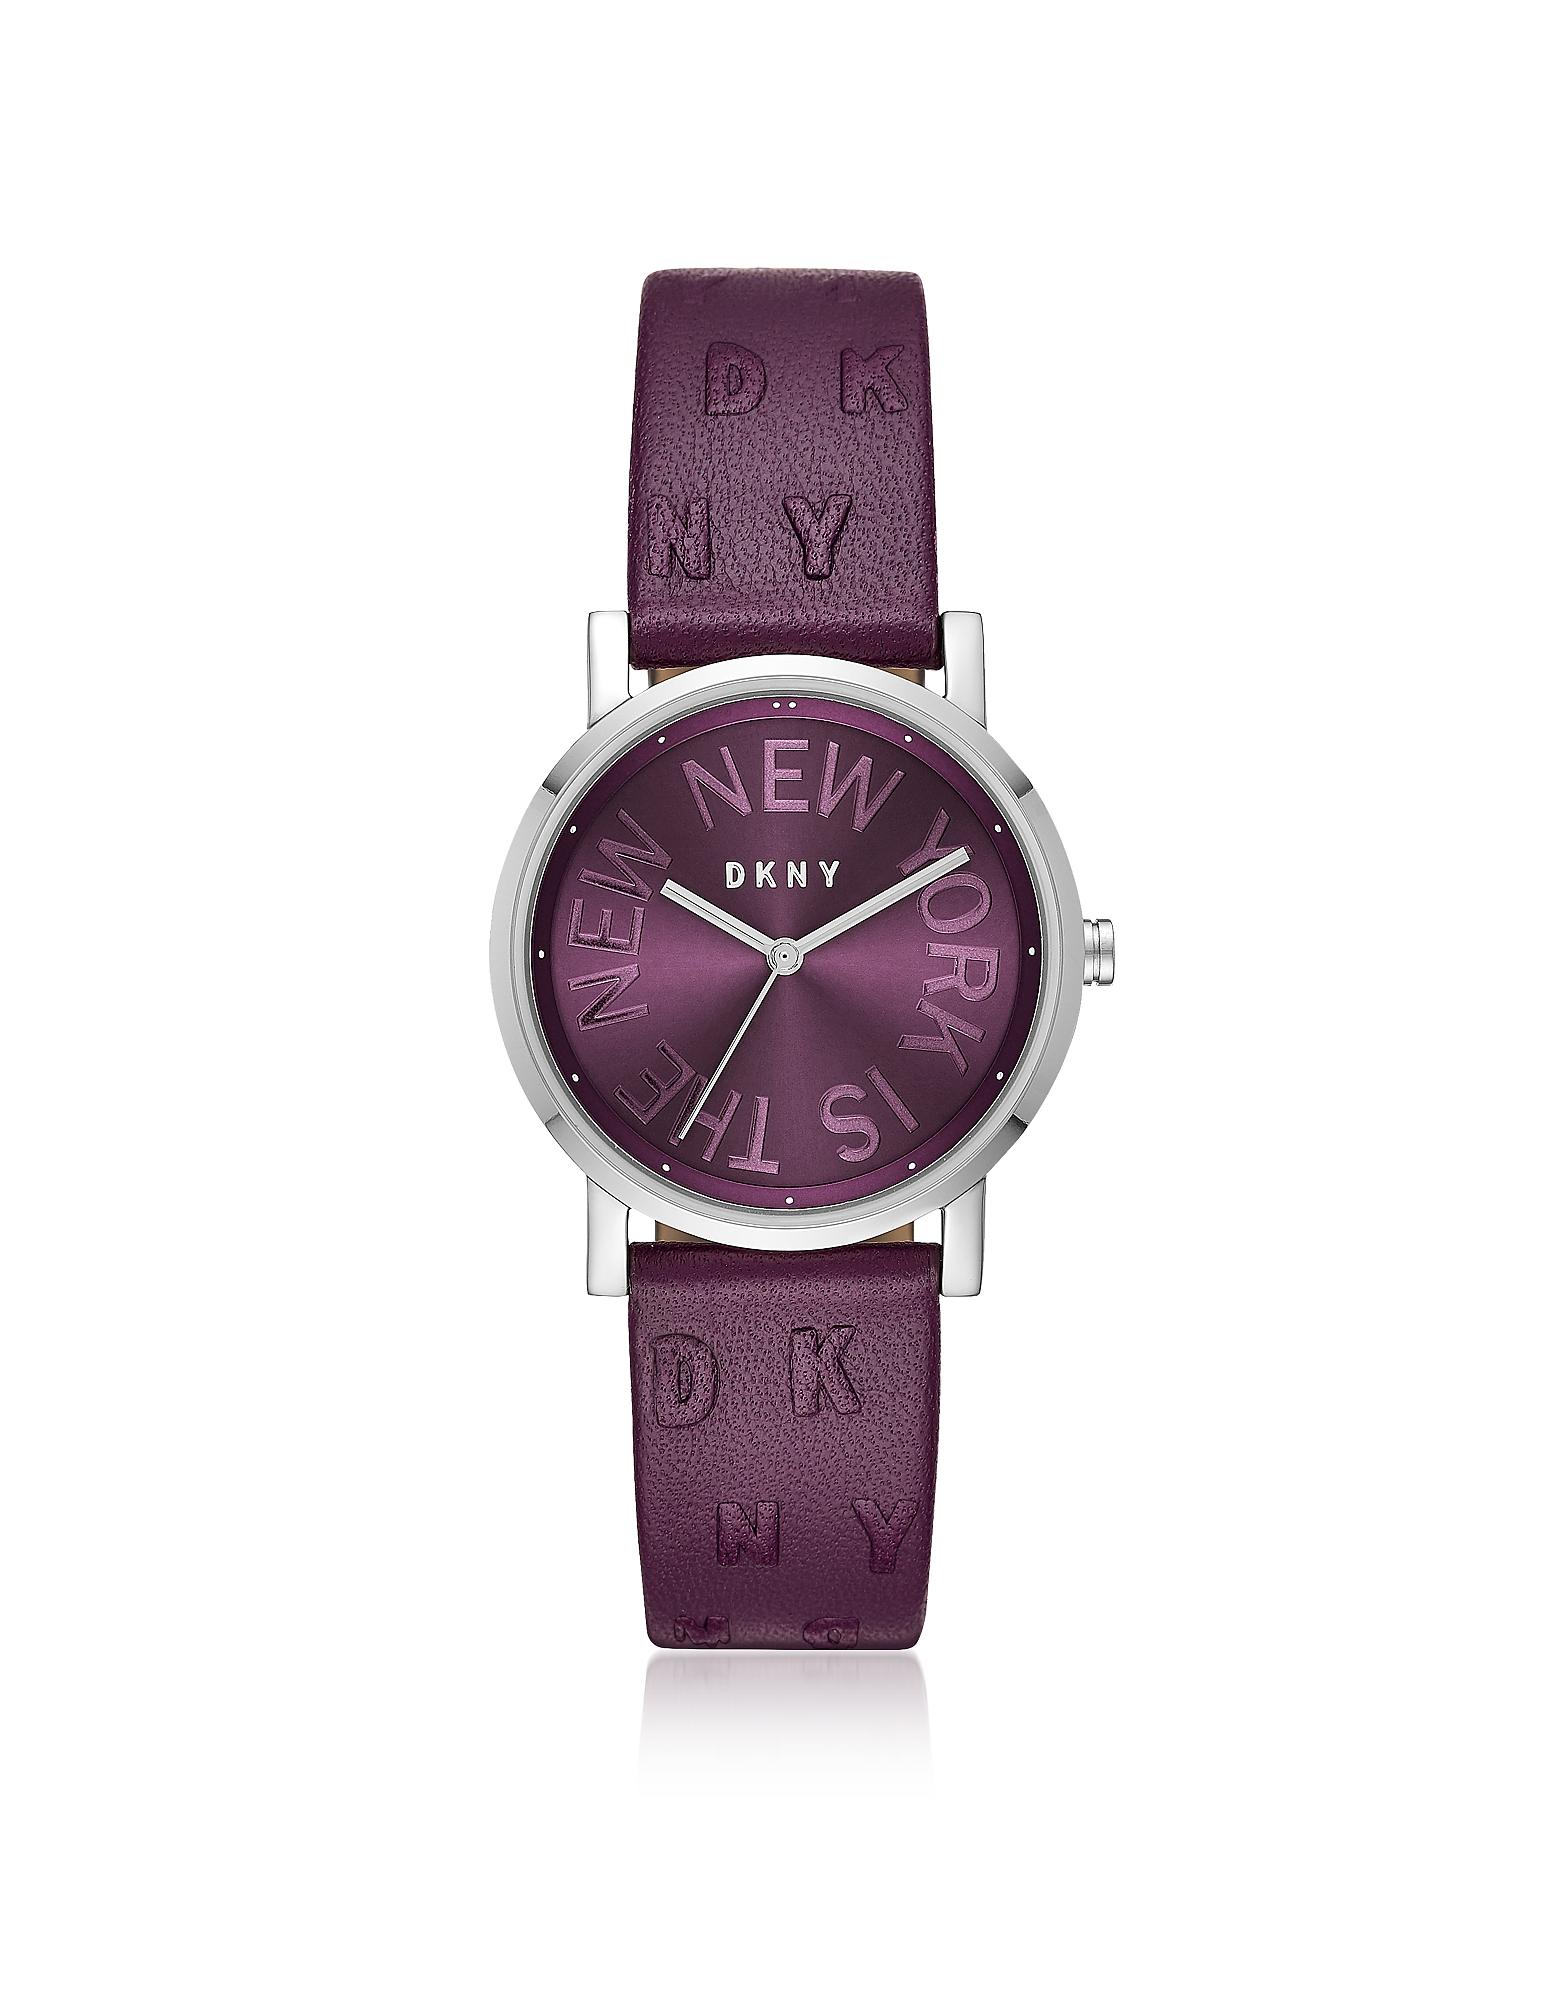 DKNY Women's Watches, Soho Purple Leather Women's Watch